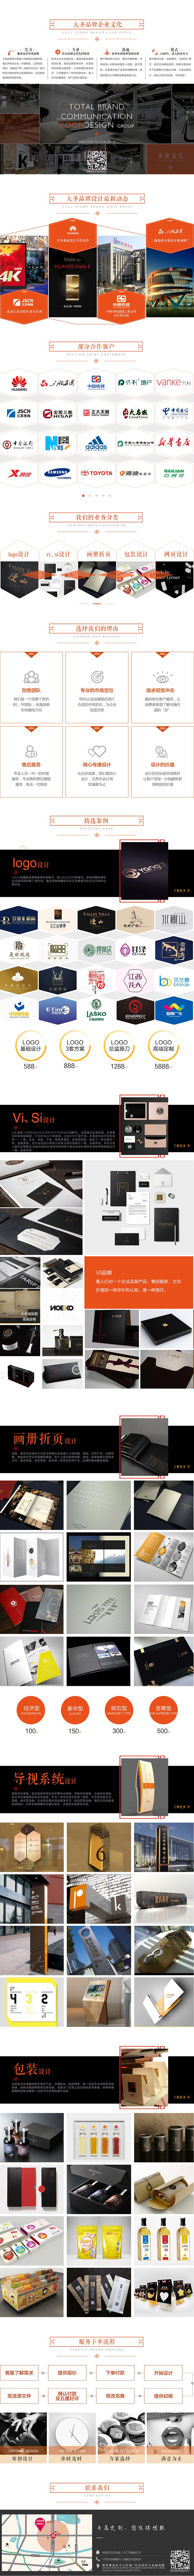 包装设计_品牌设计>包装设计>盒型设计、包装升级1